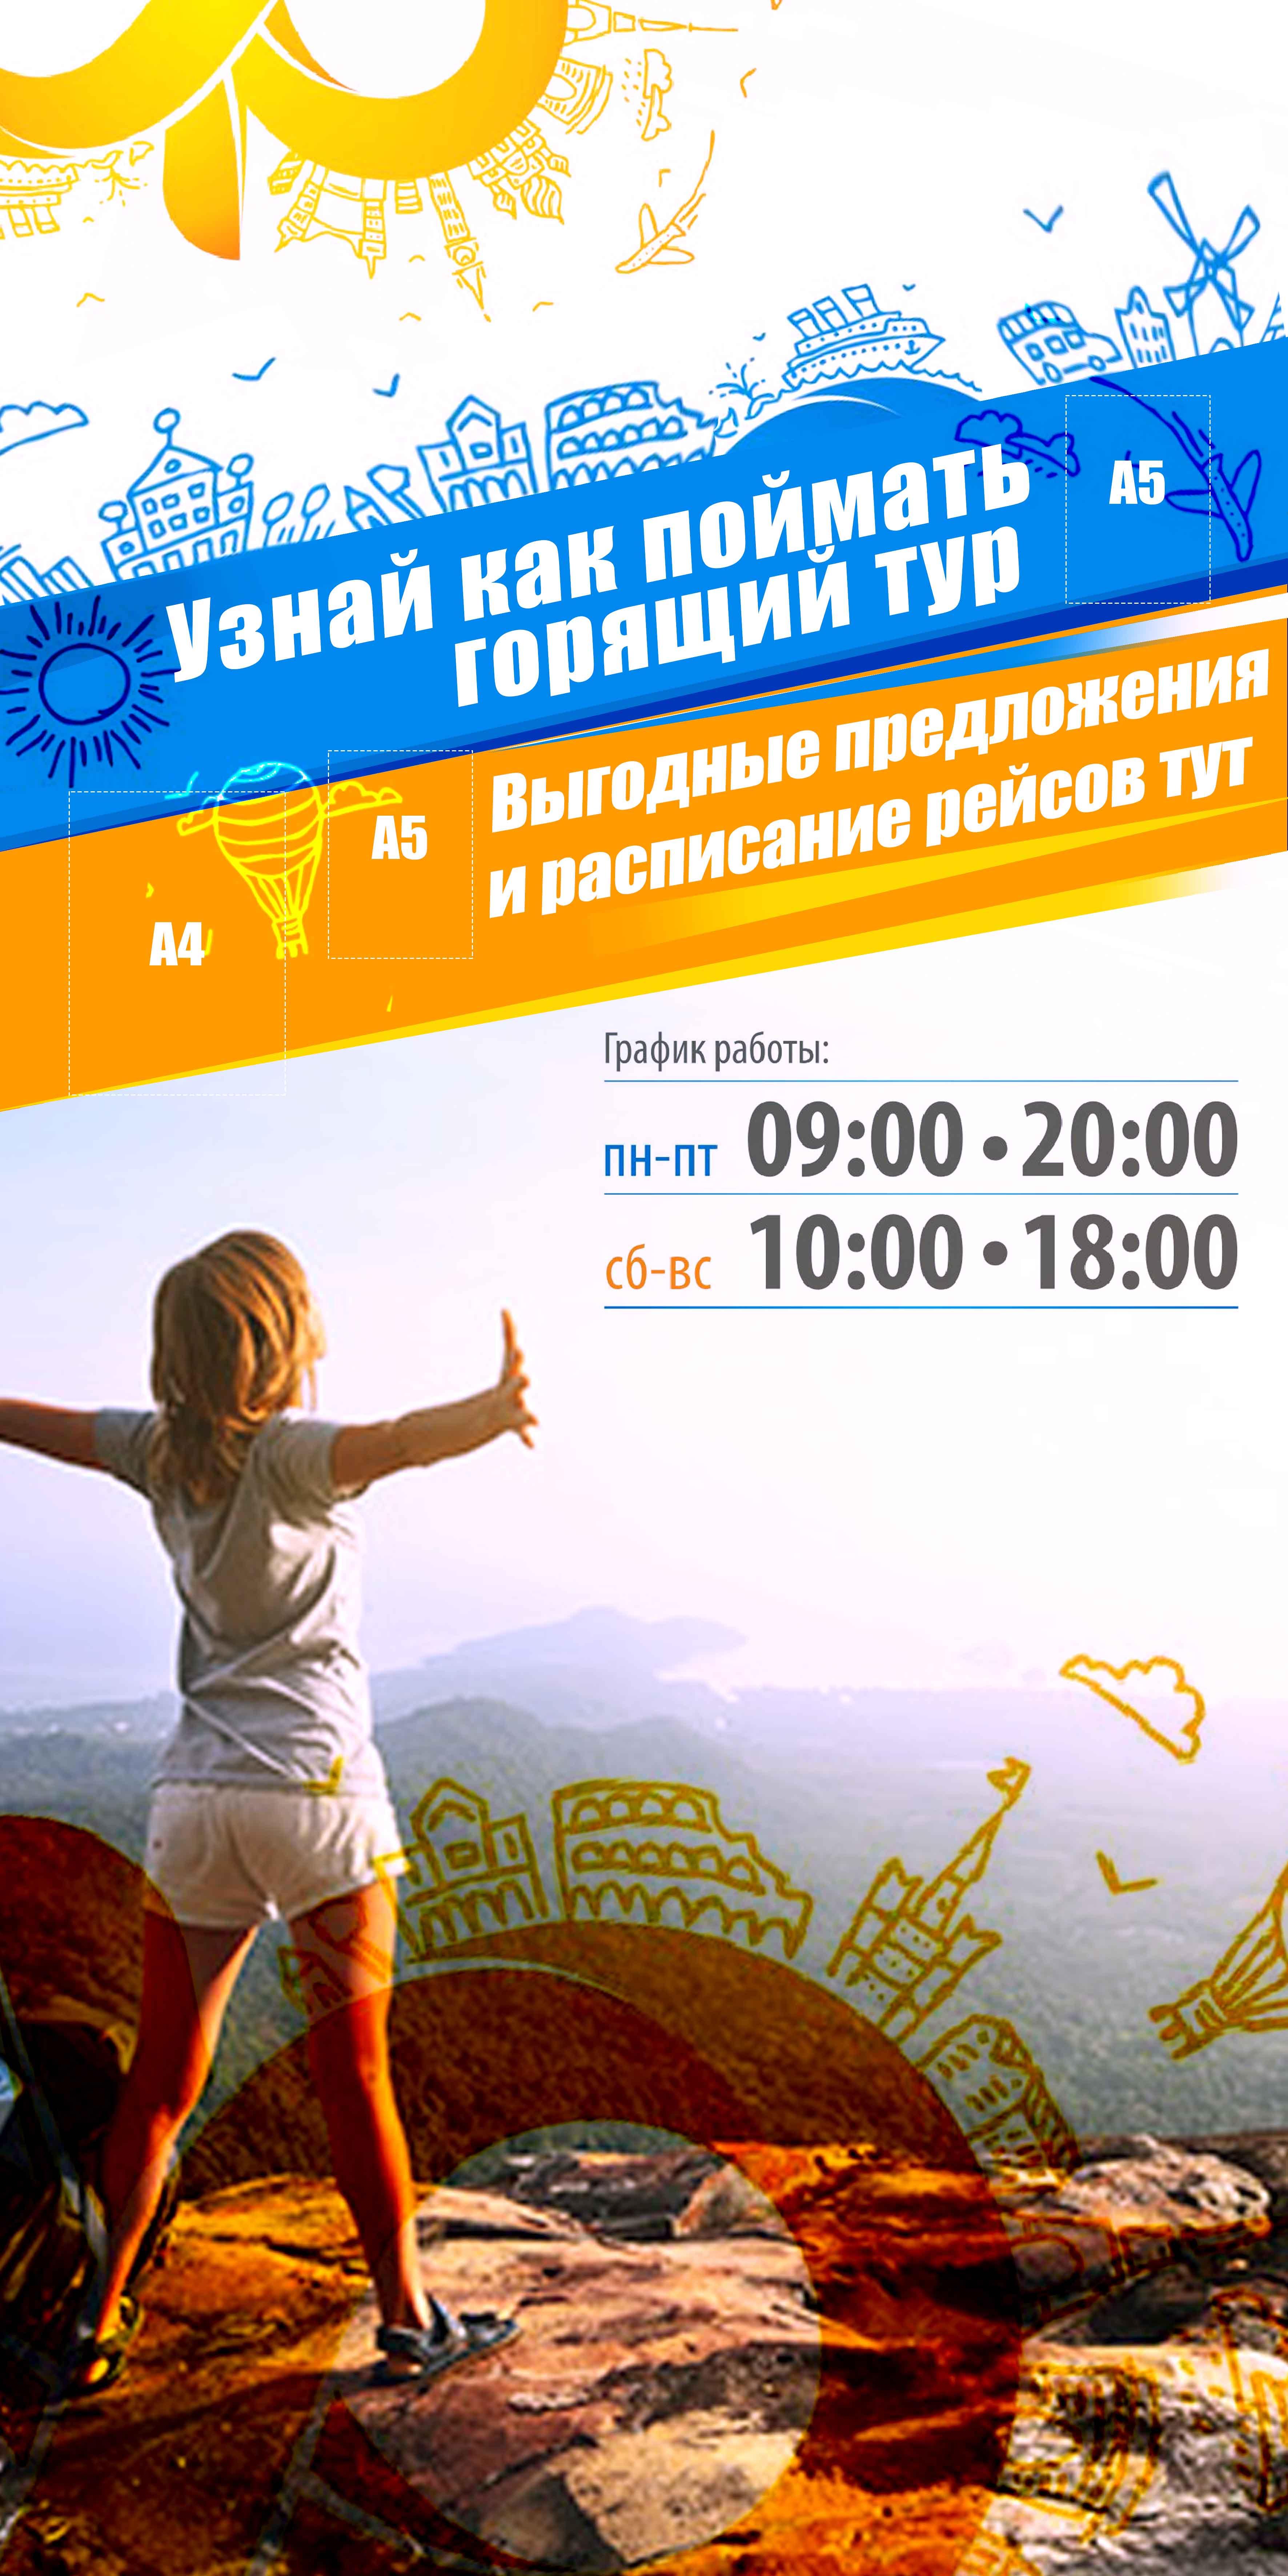 Дизайн двух плакатов фото f_3515a0d35727fc3c.jpg